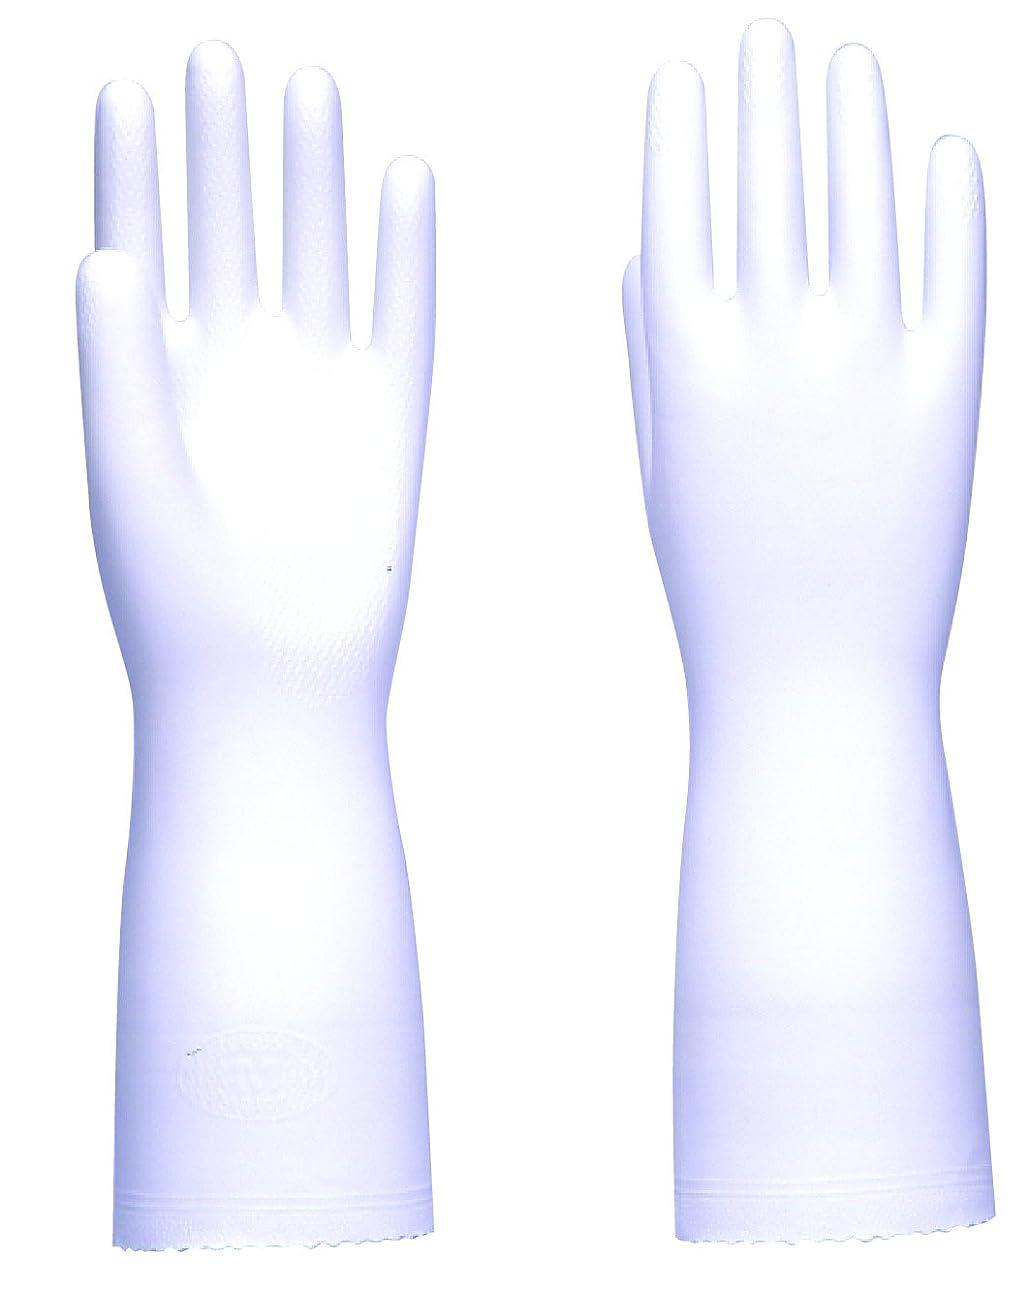 取り替えるやさしく干し草東和コーポレーション 《掃除用手袋》 ソフトエース ホワイト Mサイズ No.758